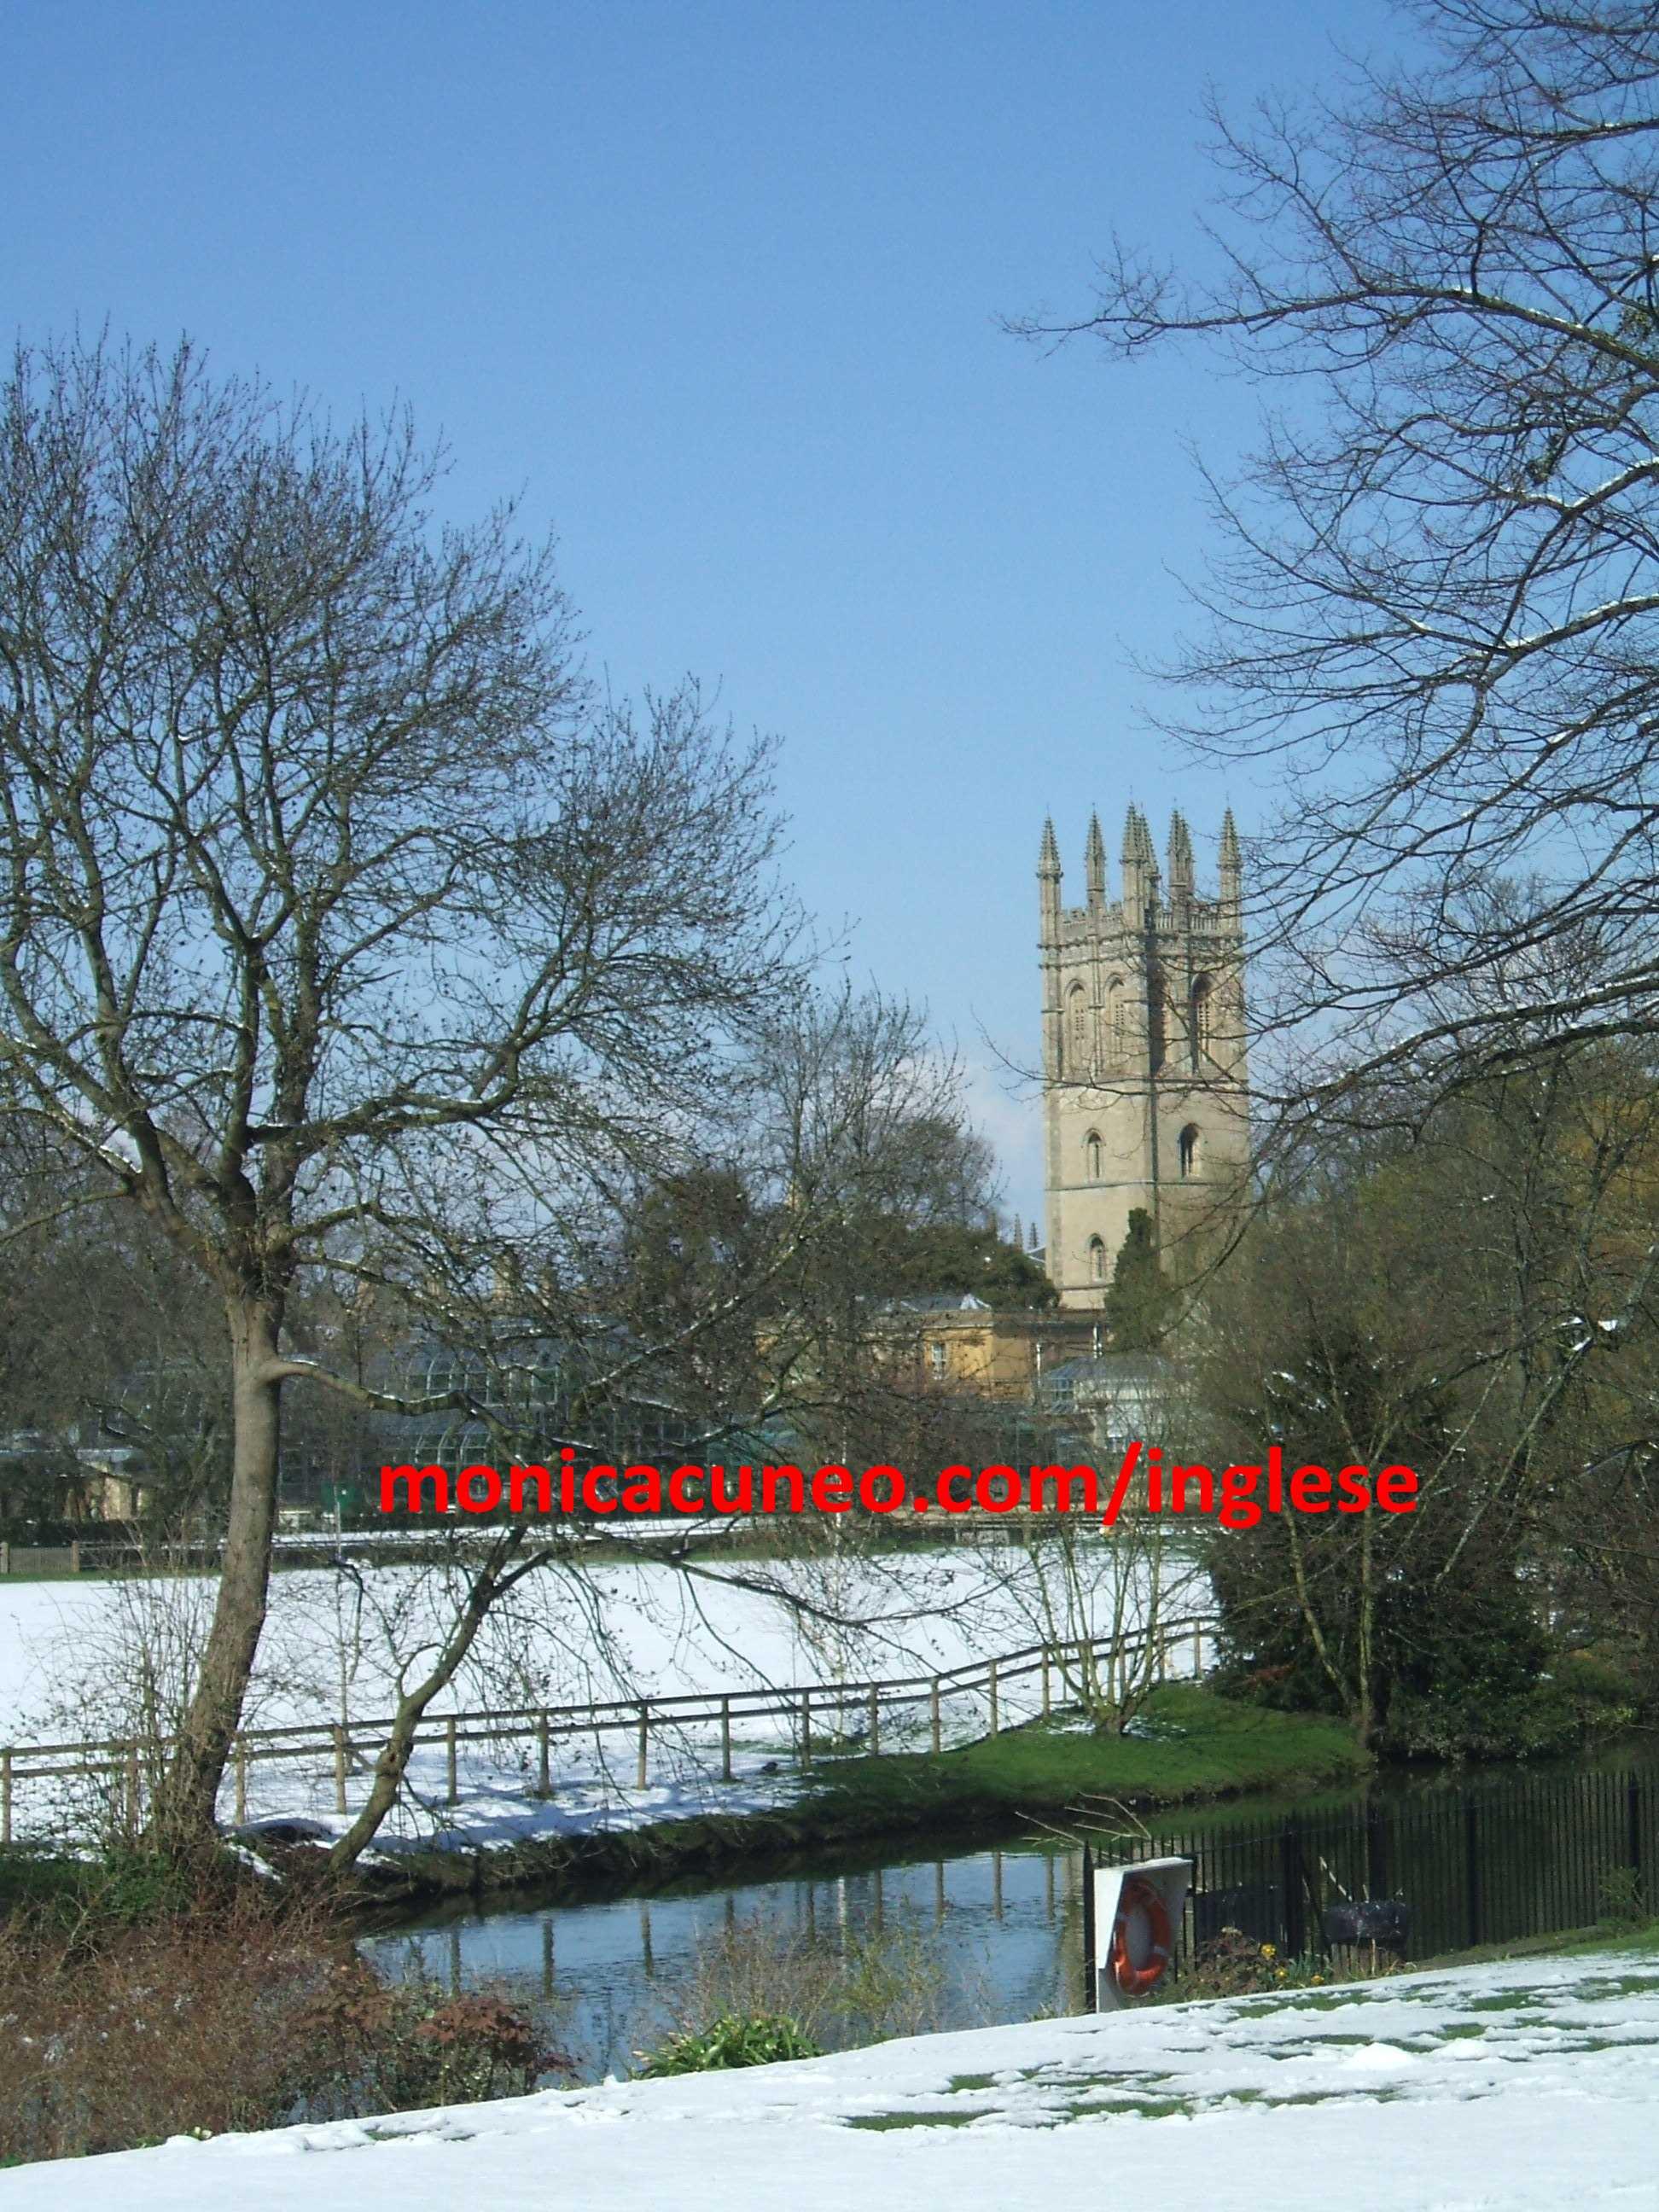 Il tuo corso di inglese a Oxford. Rara vista di Magdalene College Tower, Oxford, con la neve